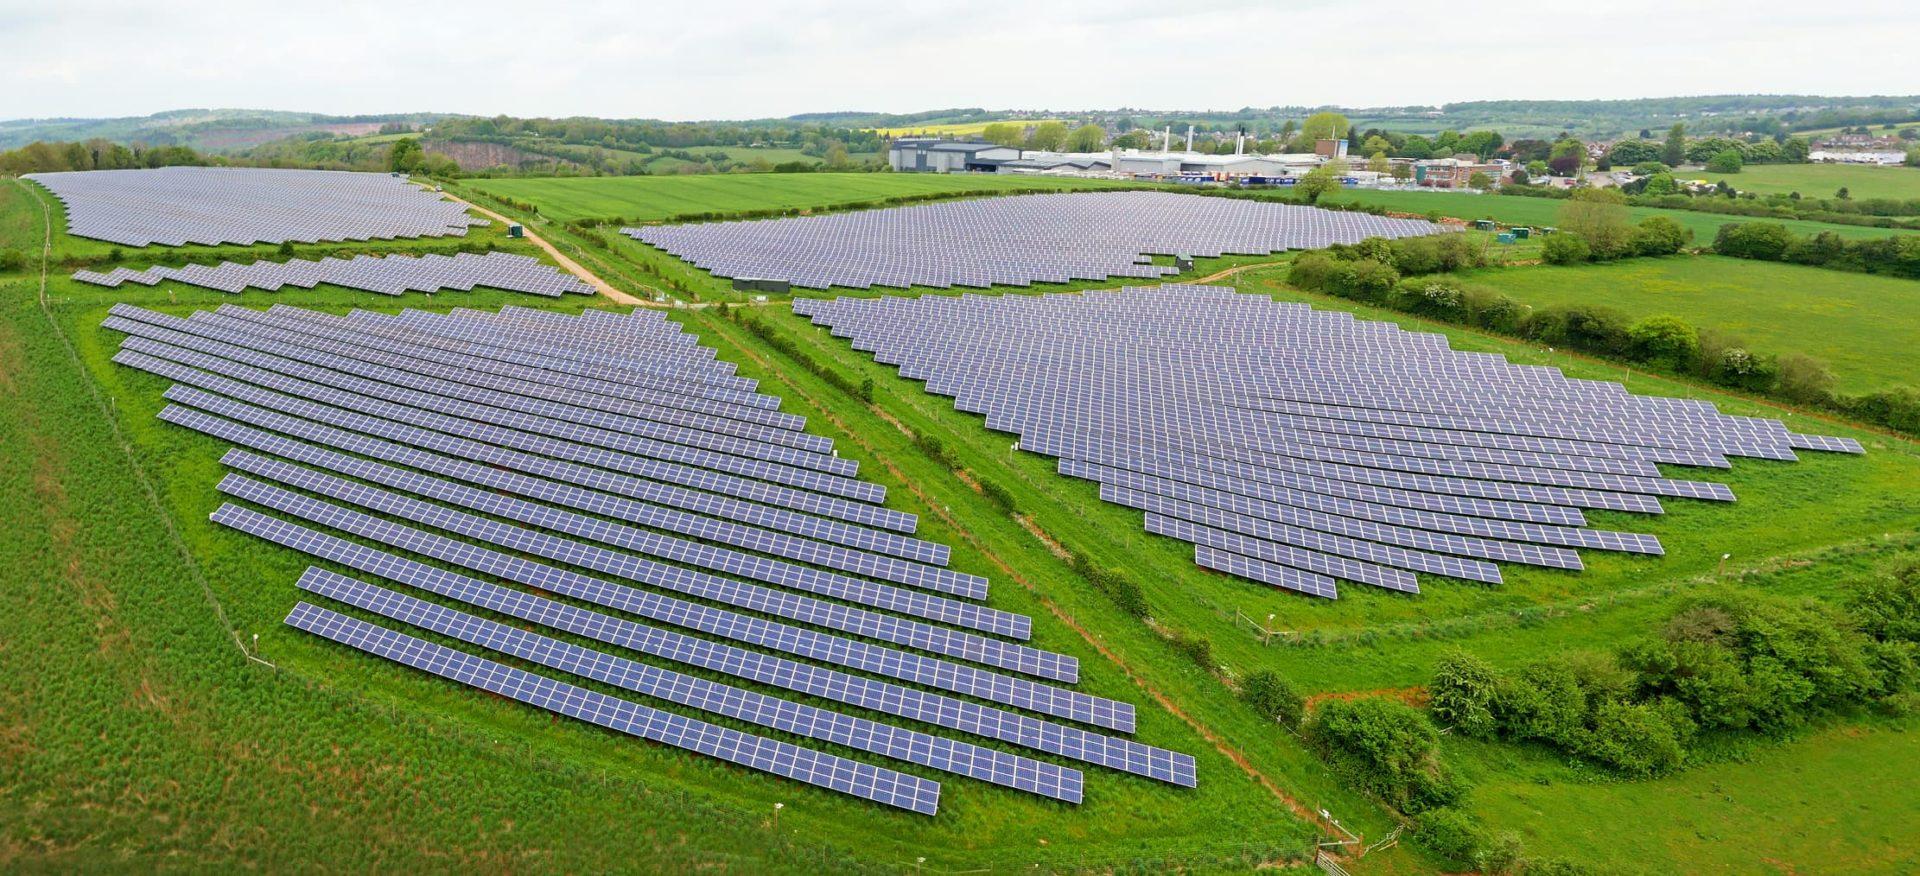 coleford_milkwall_goldbeck-solar_1